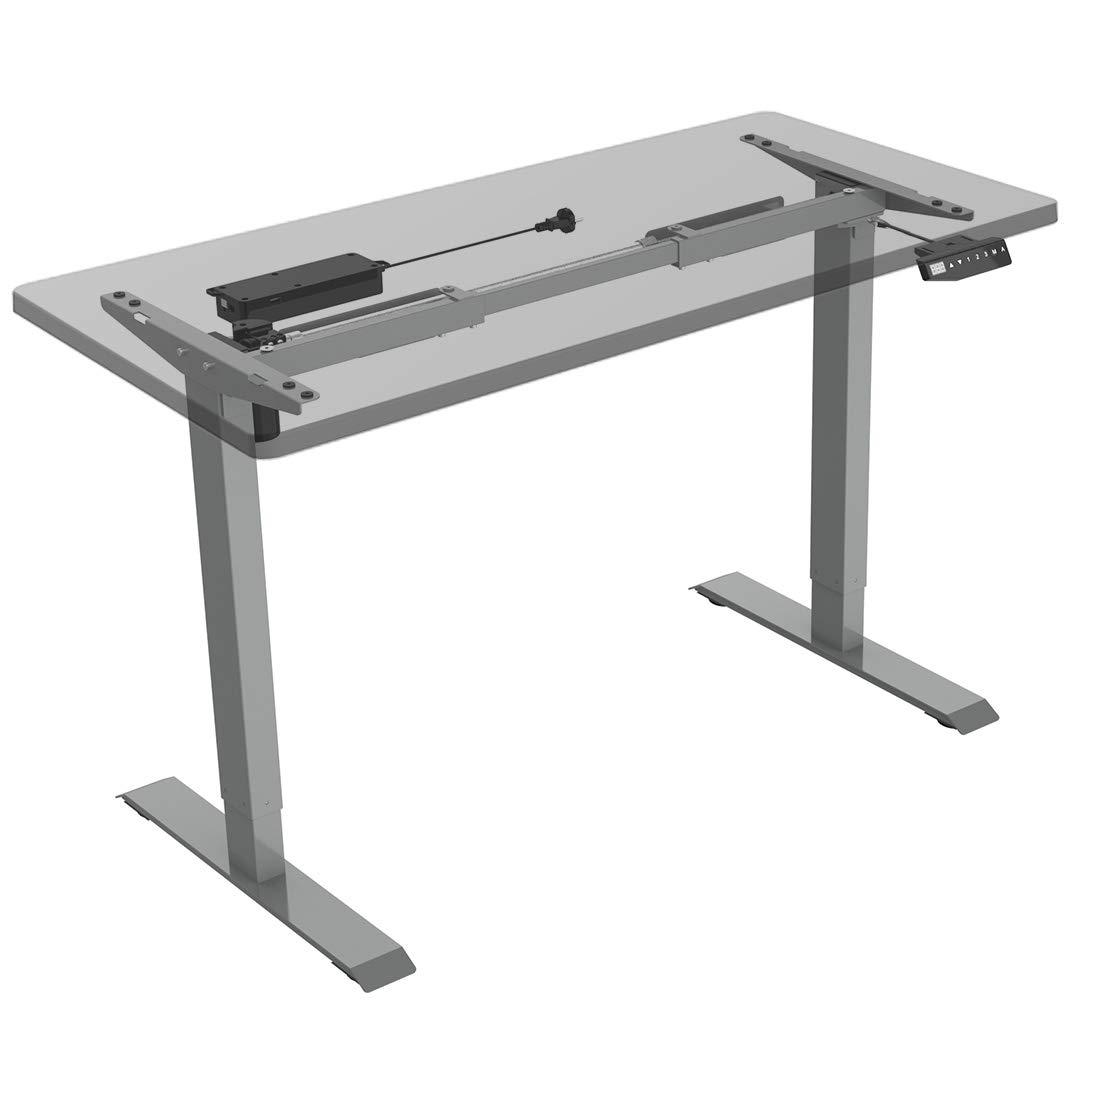 Flexispot E1S elektrisch höhenverstellbarer Schreibtisch, elektrisches Tischgestell mit Memory-Steuerung